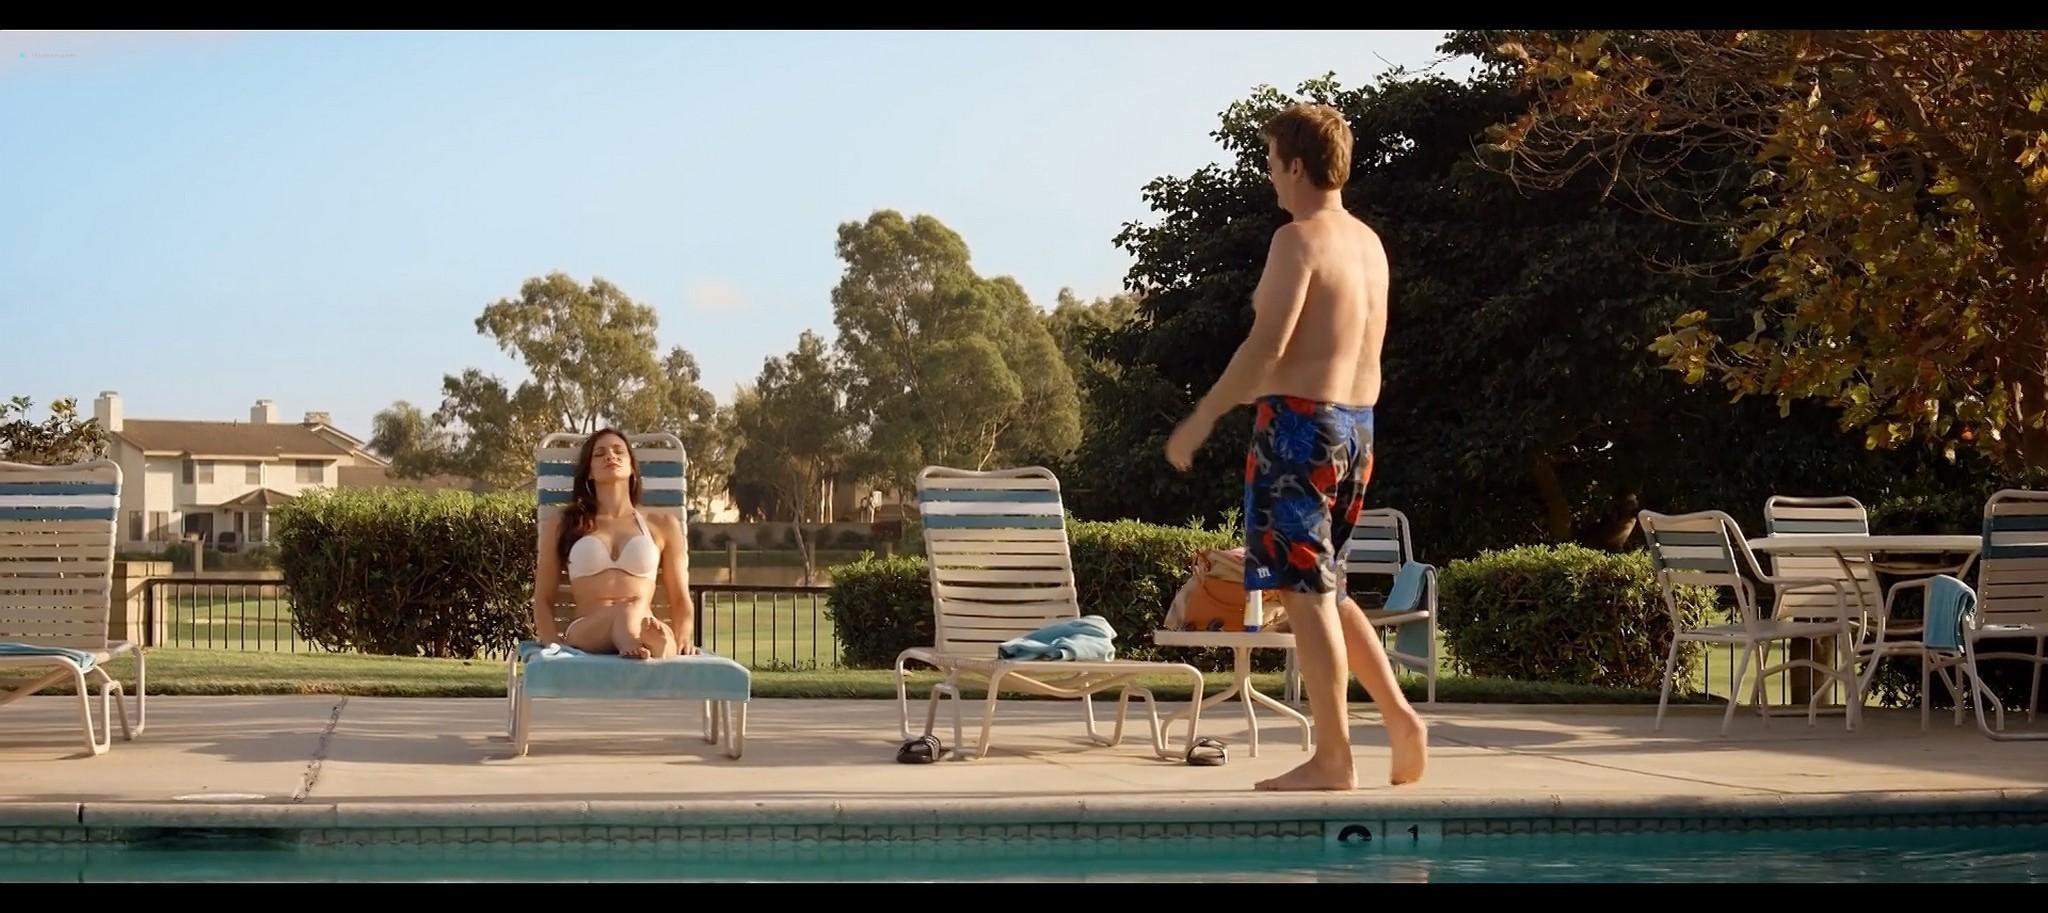 Briana Lane hot bikini and Brea Grant hot Oliver stoned 2014 HD 1080p BluRay 14